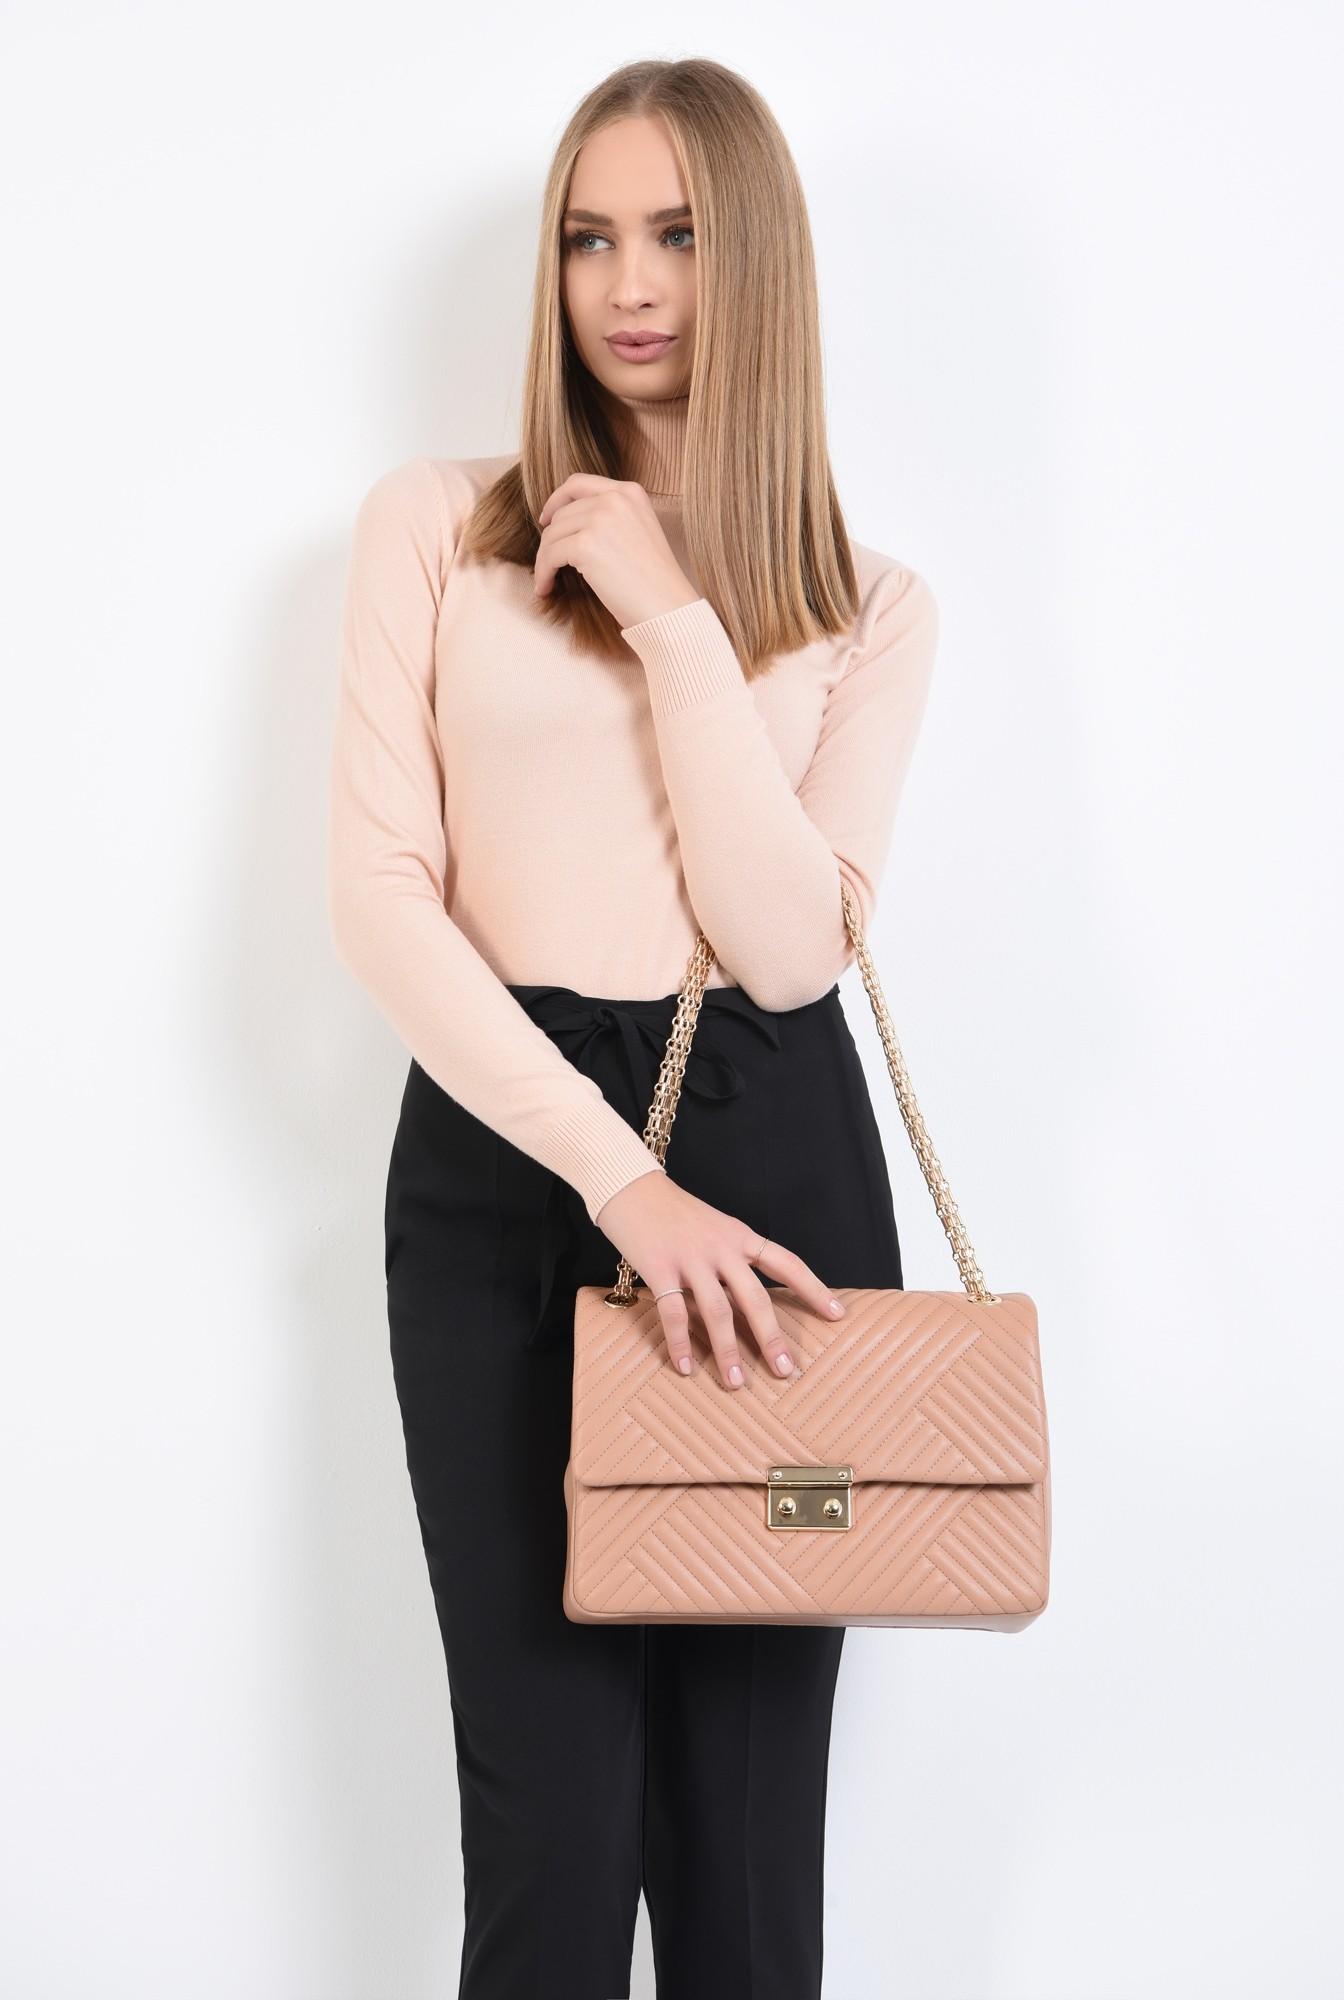 geanta din piele ecologica, roz nude, cu lant, detalii metalice aurii, geanta de umar